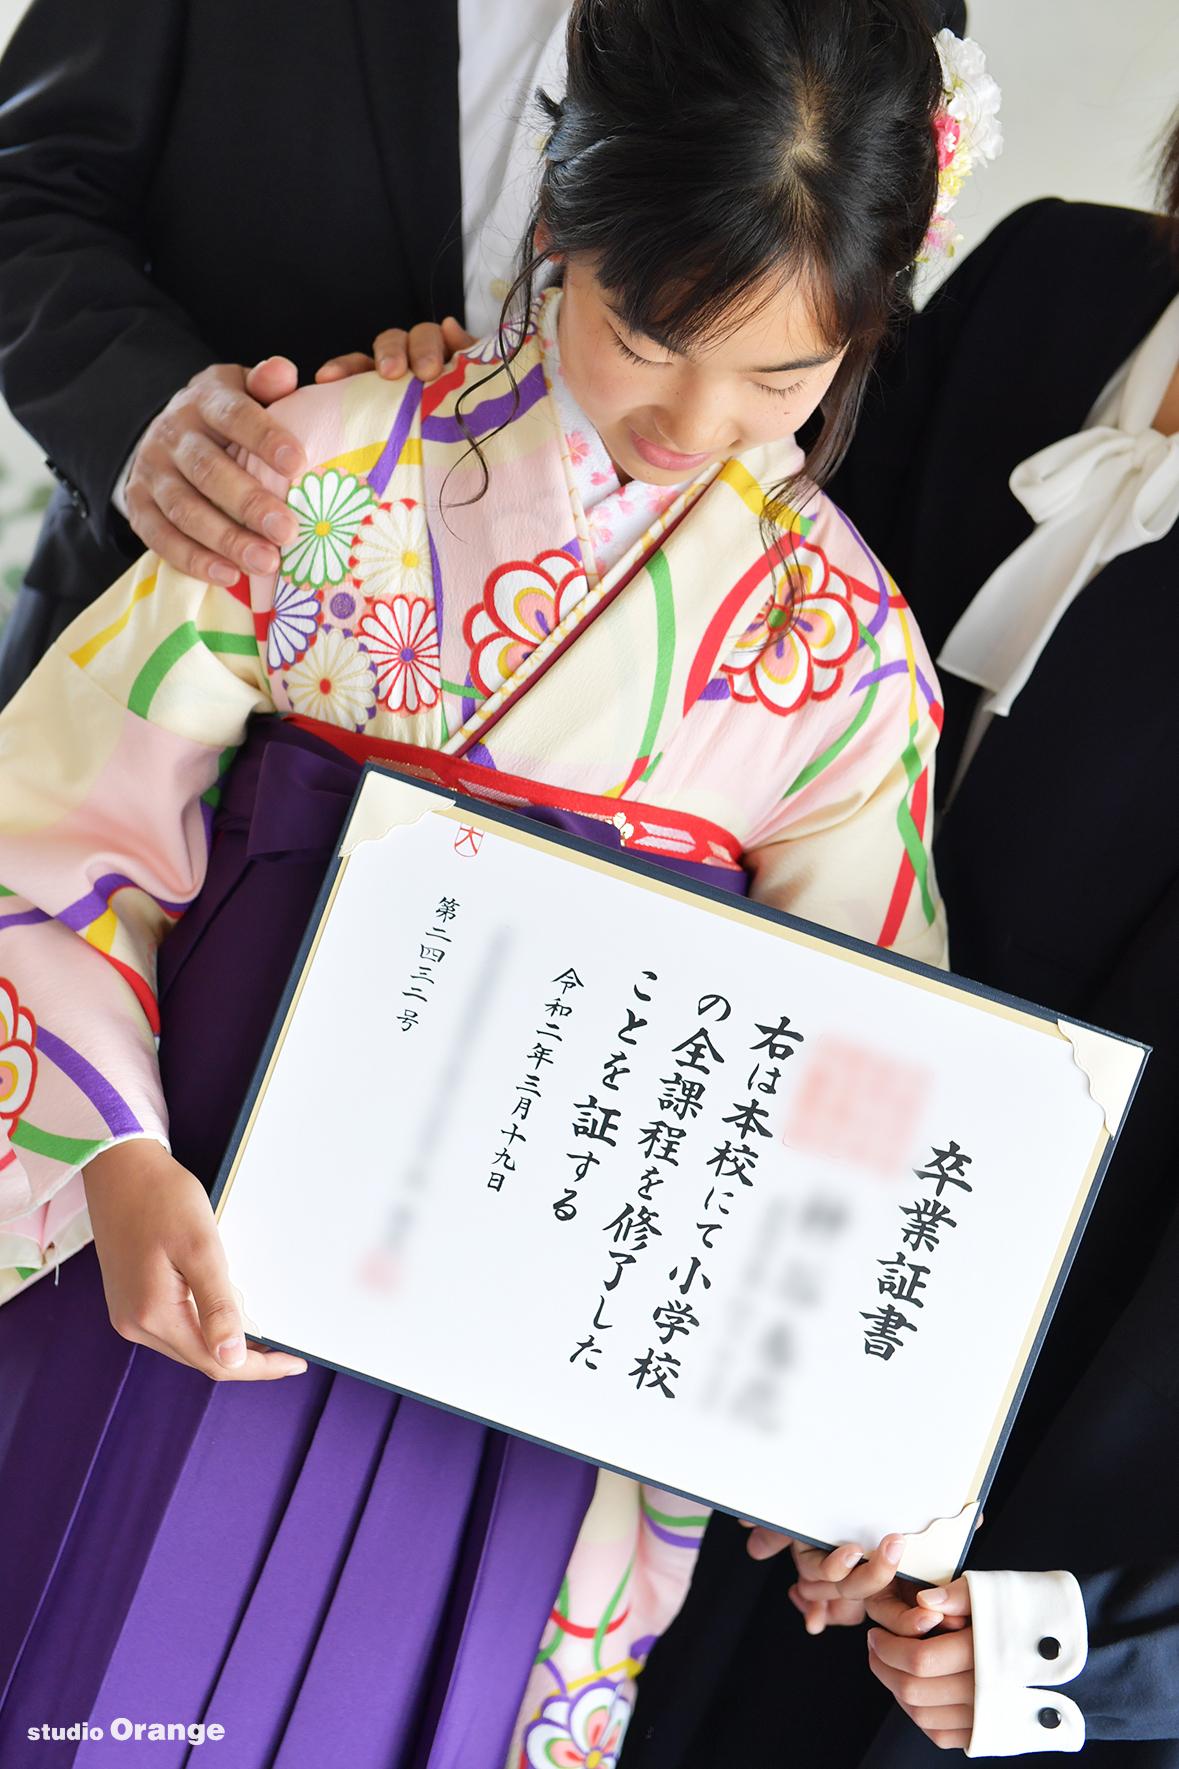 卒業袴 小学校卒業 卒業証書 家族写真